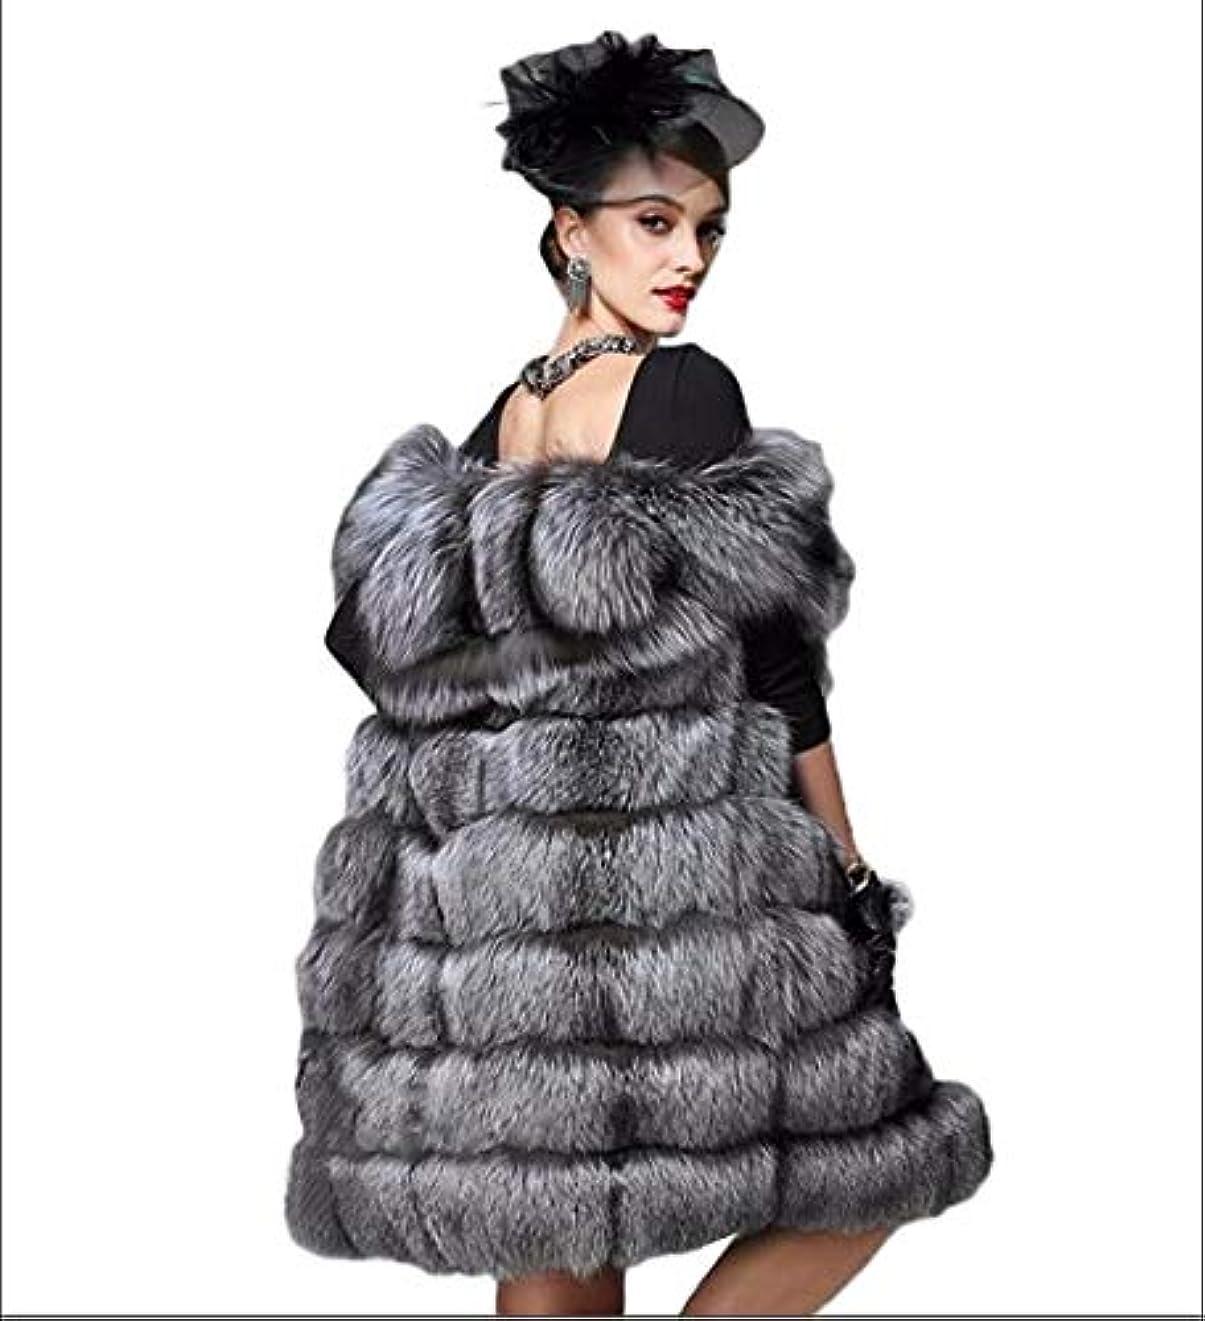 に賛成浸すインディカ女性のフェイクファーベストベストフェイクファーウォーム暖かいふわふわの高級アウターウェア秋ファッションスタイルロングスリーブステッチGilet,M